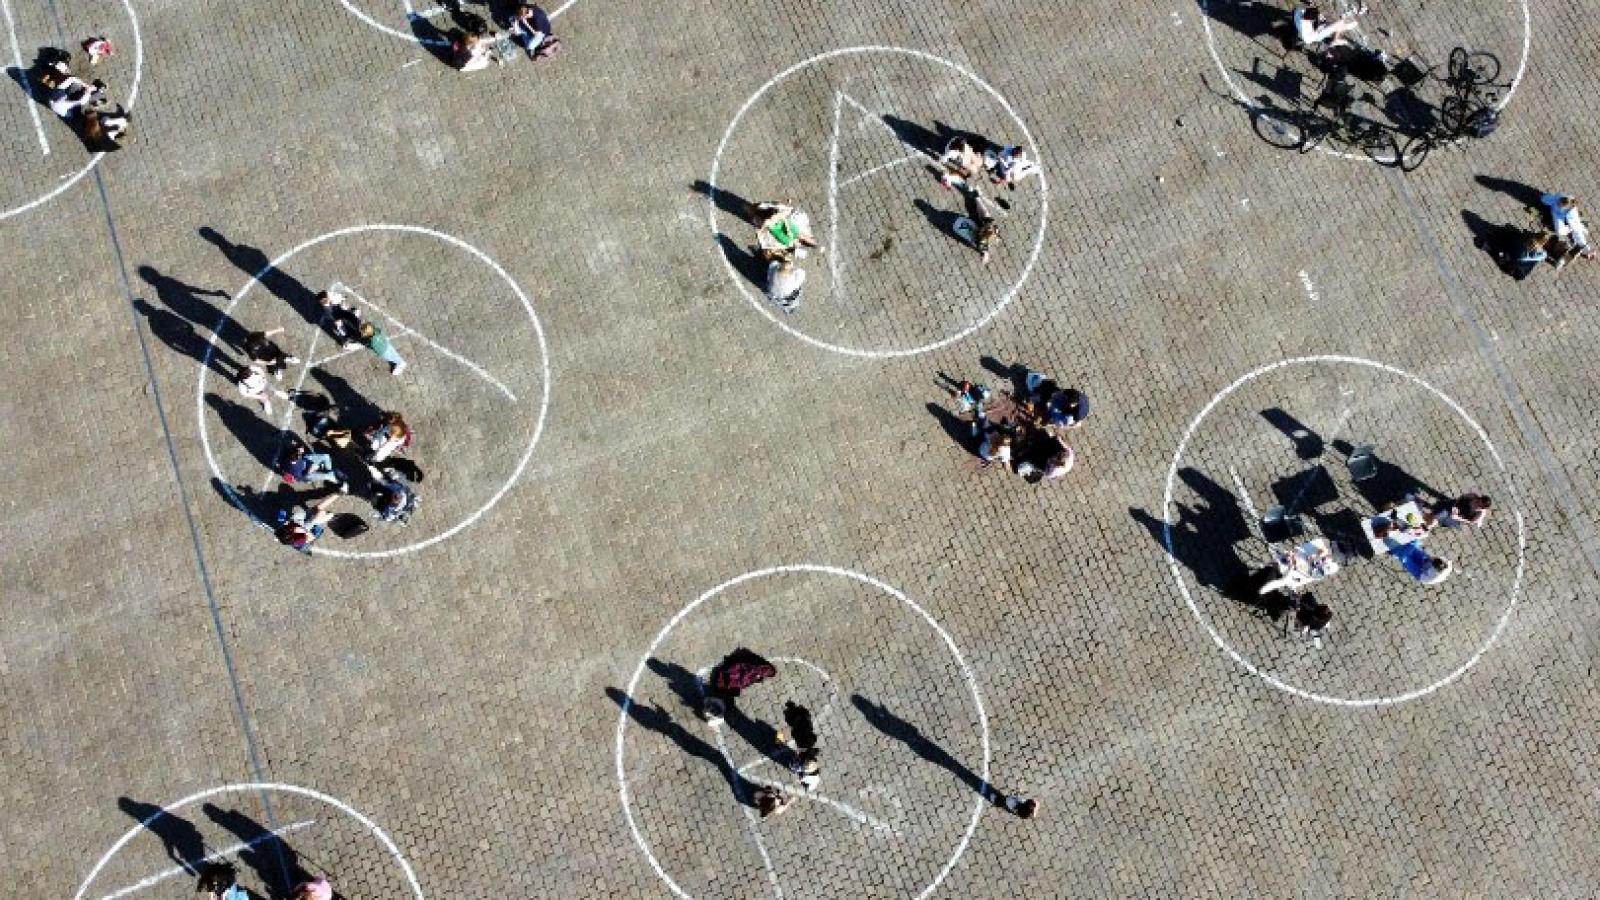 """Độc đáo ý tưởng """"Vòng tròn"""" giãn cách Covid-19 ở Bỉ"""